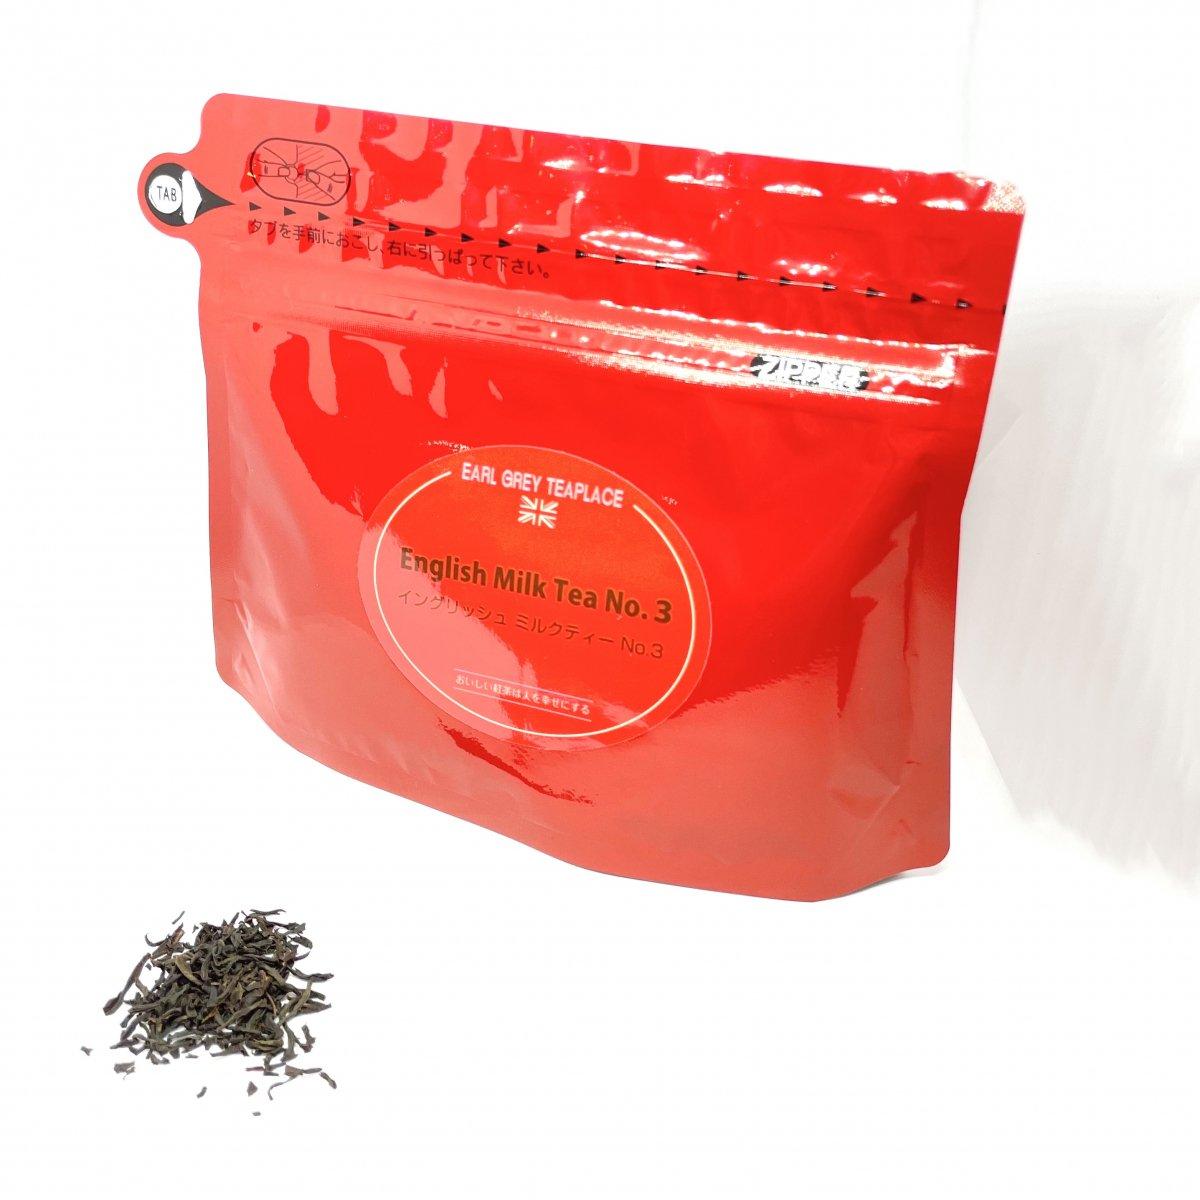 イングリッシュミルクティーNo.3(リーフ)紅茶 詳細画像1